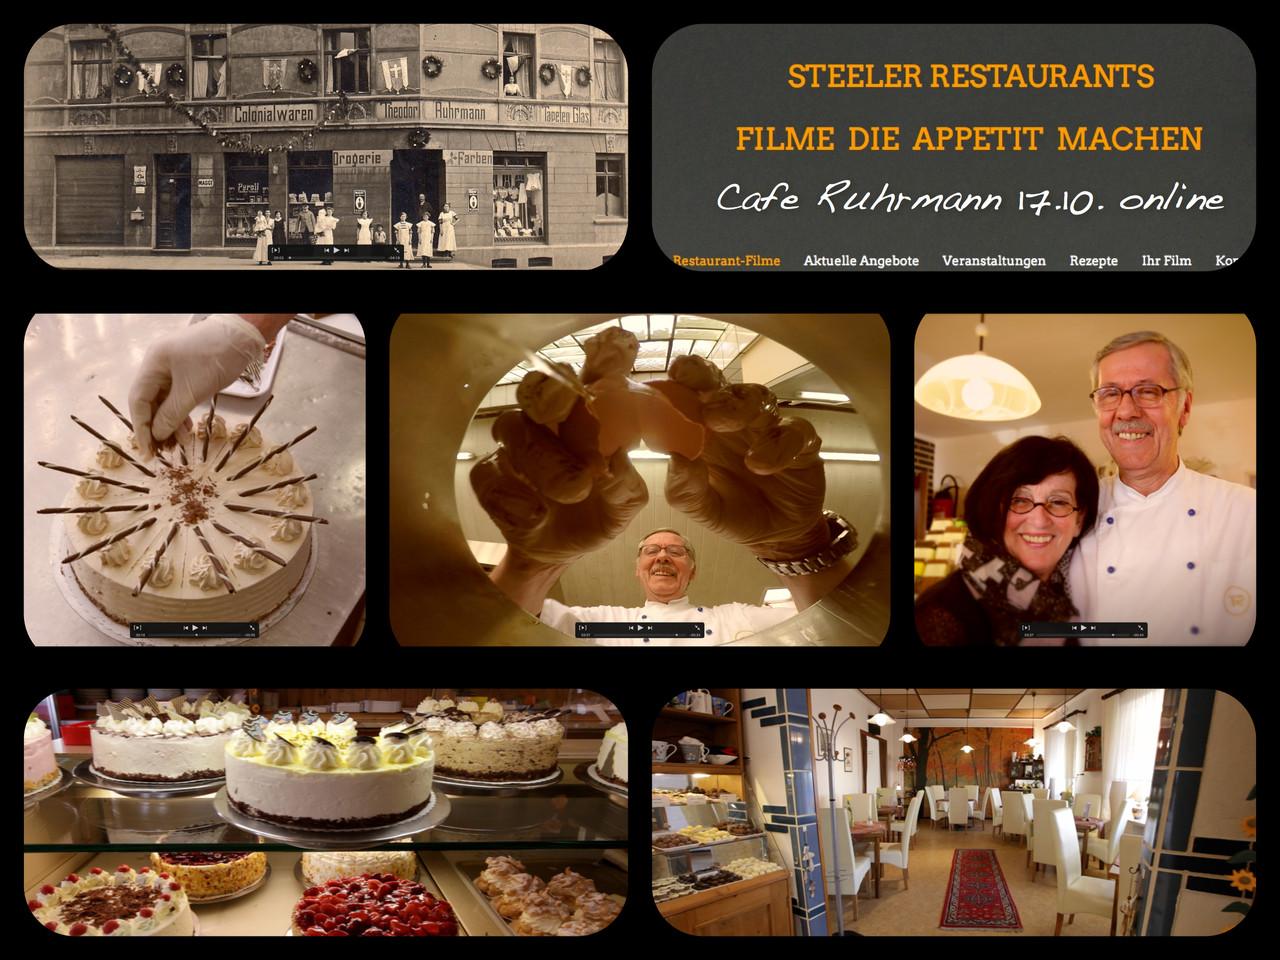 Cafe & Konditorei Ruhrmann - Restaurants in Essen